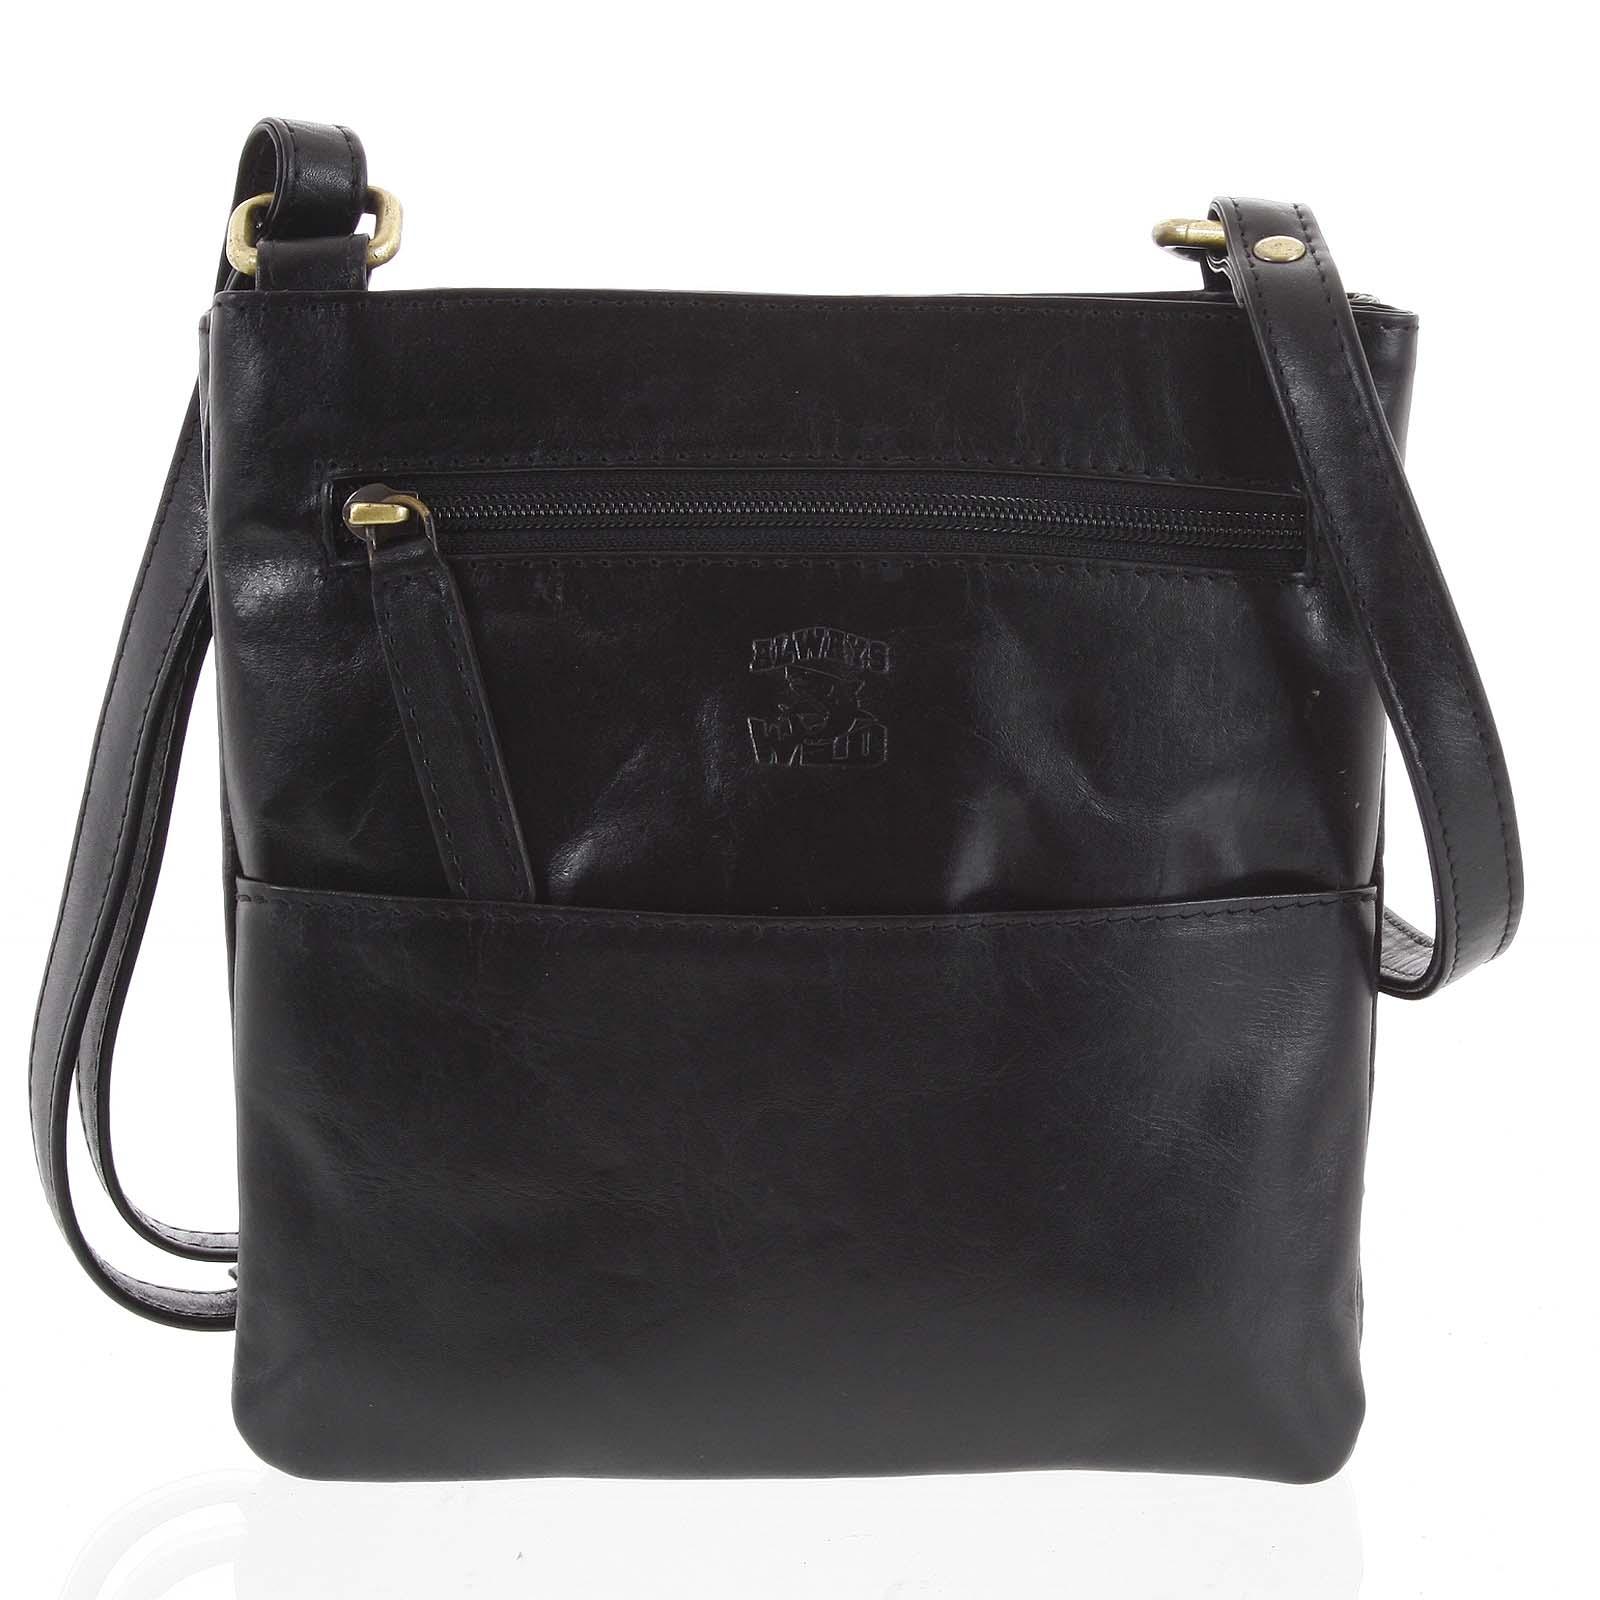 Pánská kožená taška na doklady černá - WILD Lukeny